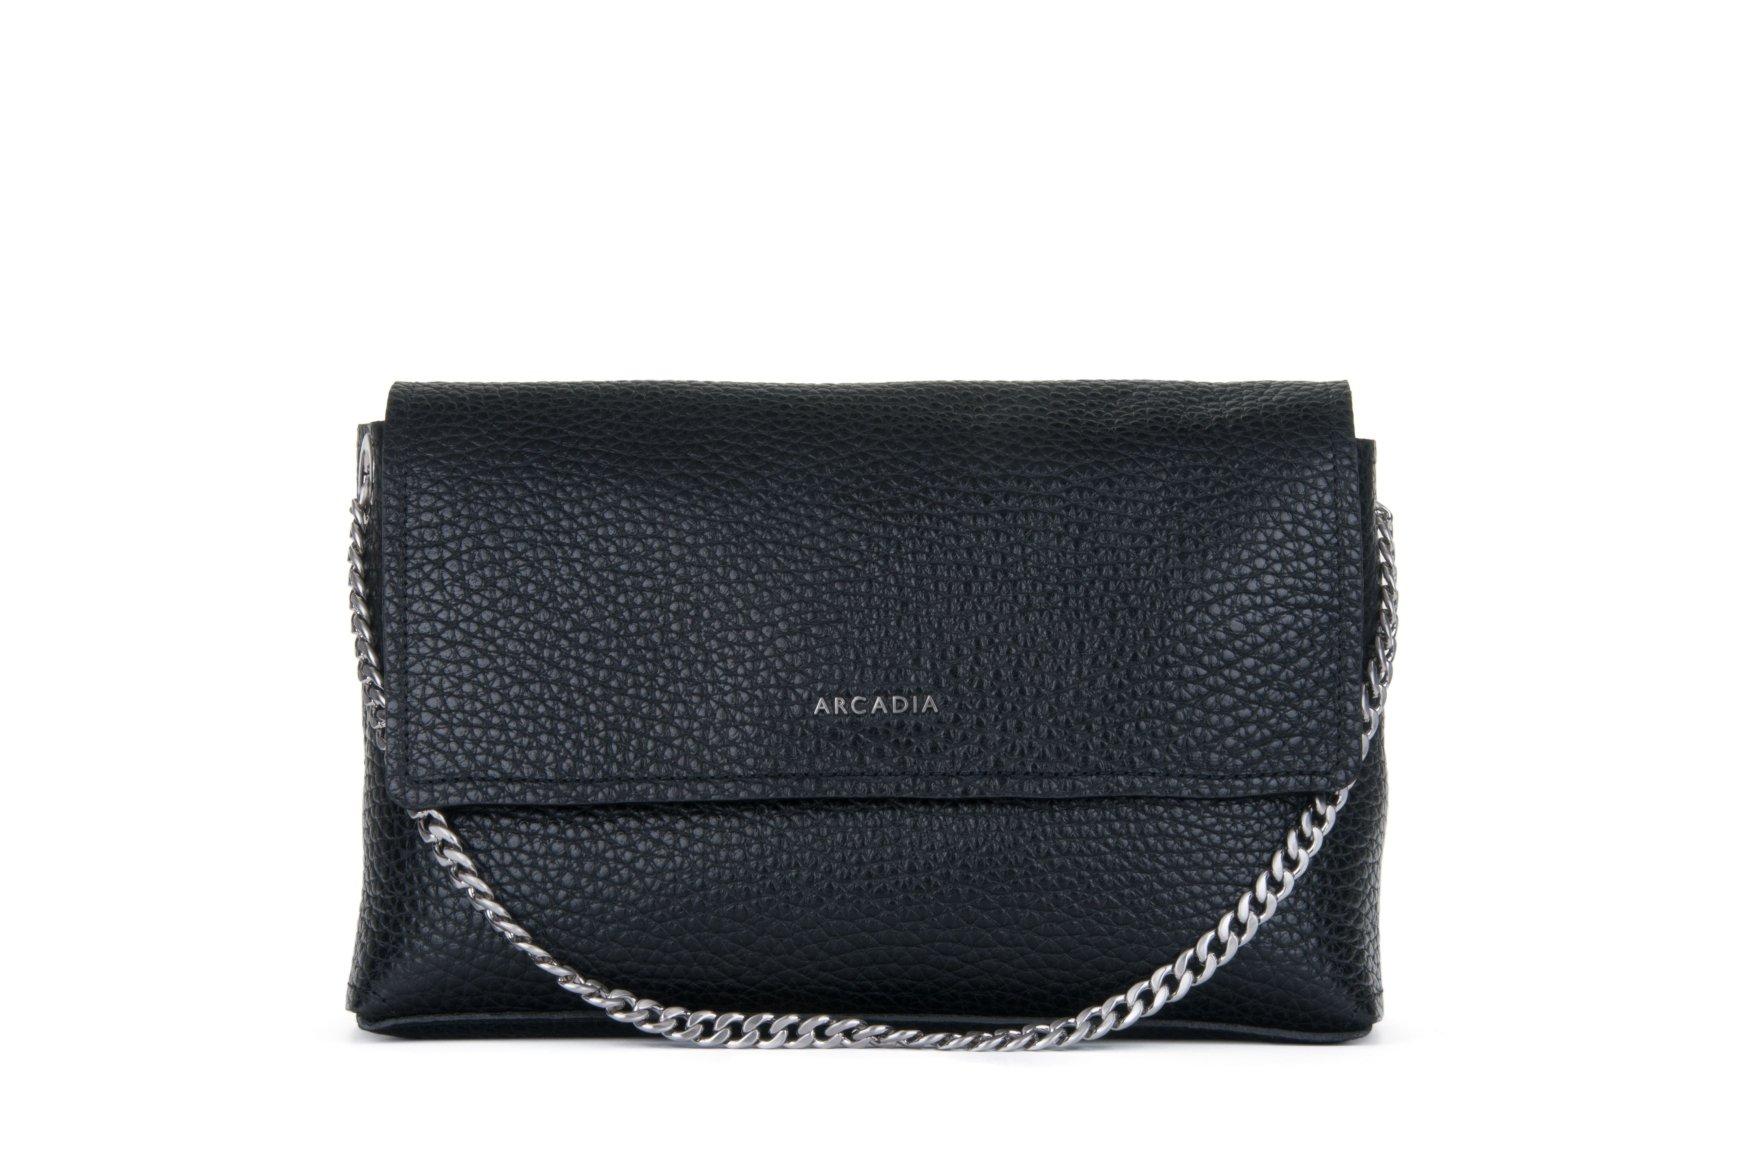 6f2e02d423da Купить кожаную сумку Arcadia Украина - Estro